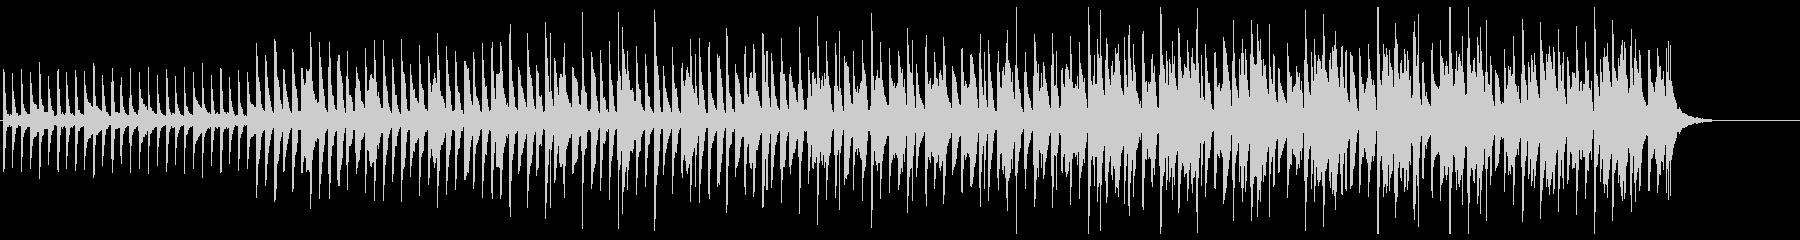 【ホラー】不気味なピアノ【サスペンス】の未再生の波形